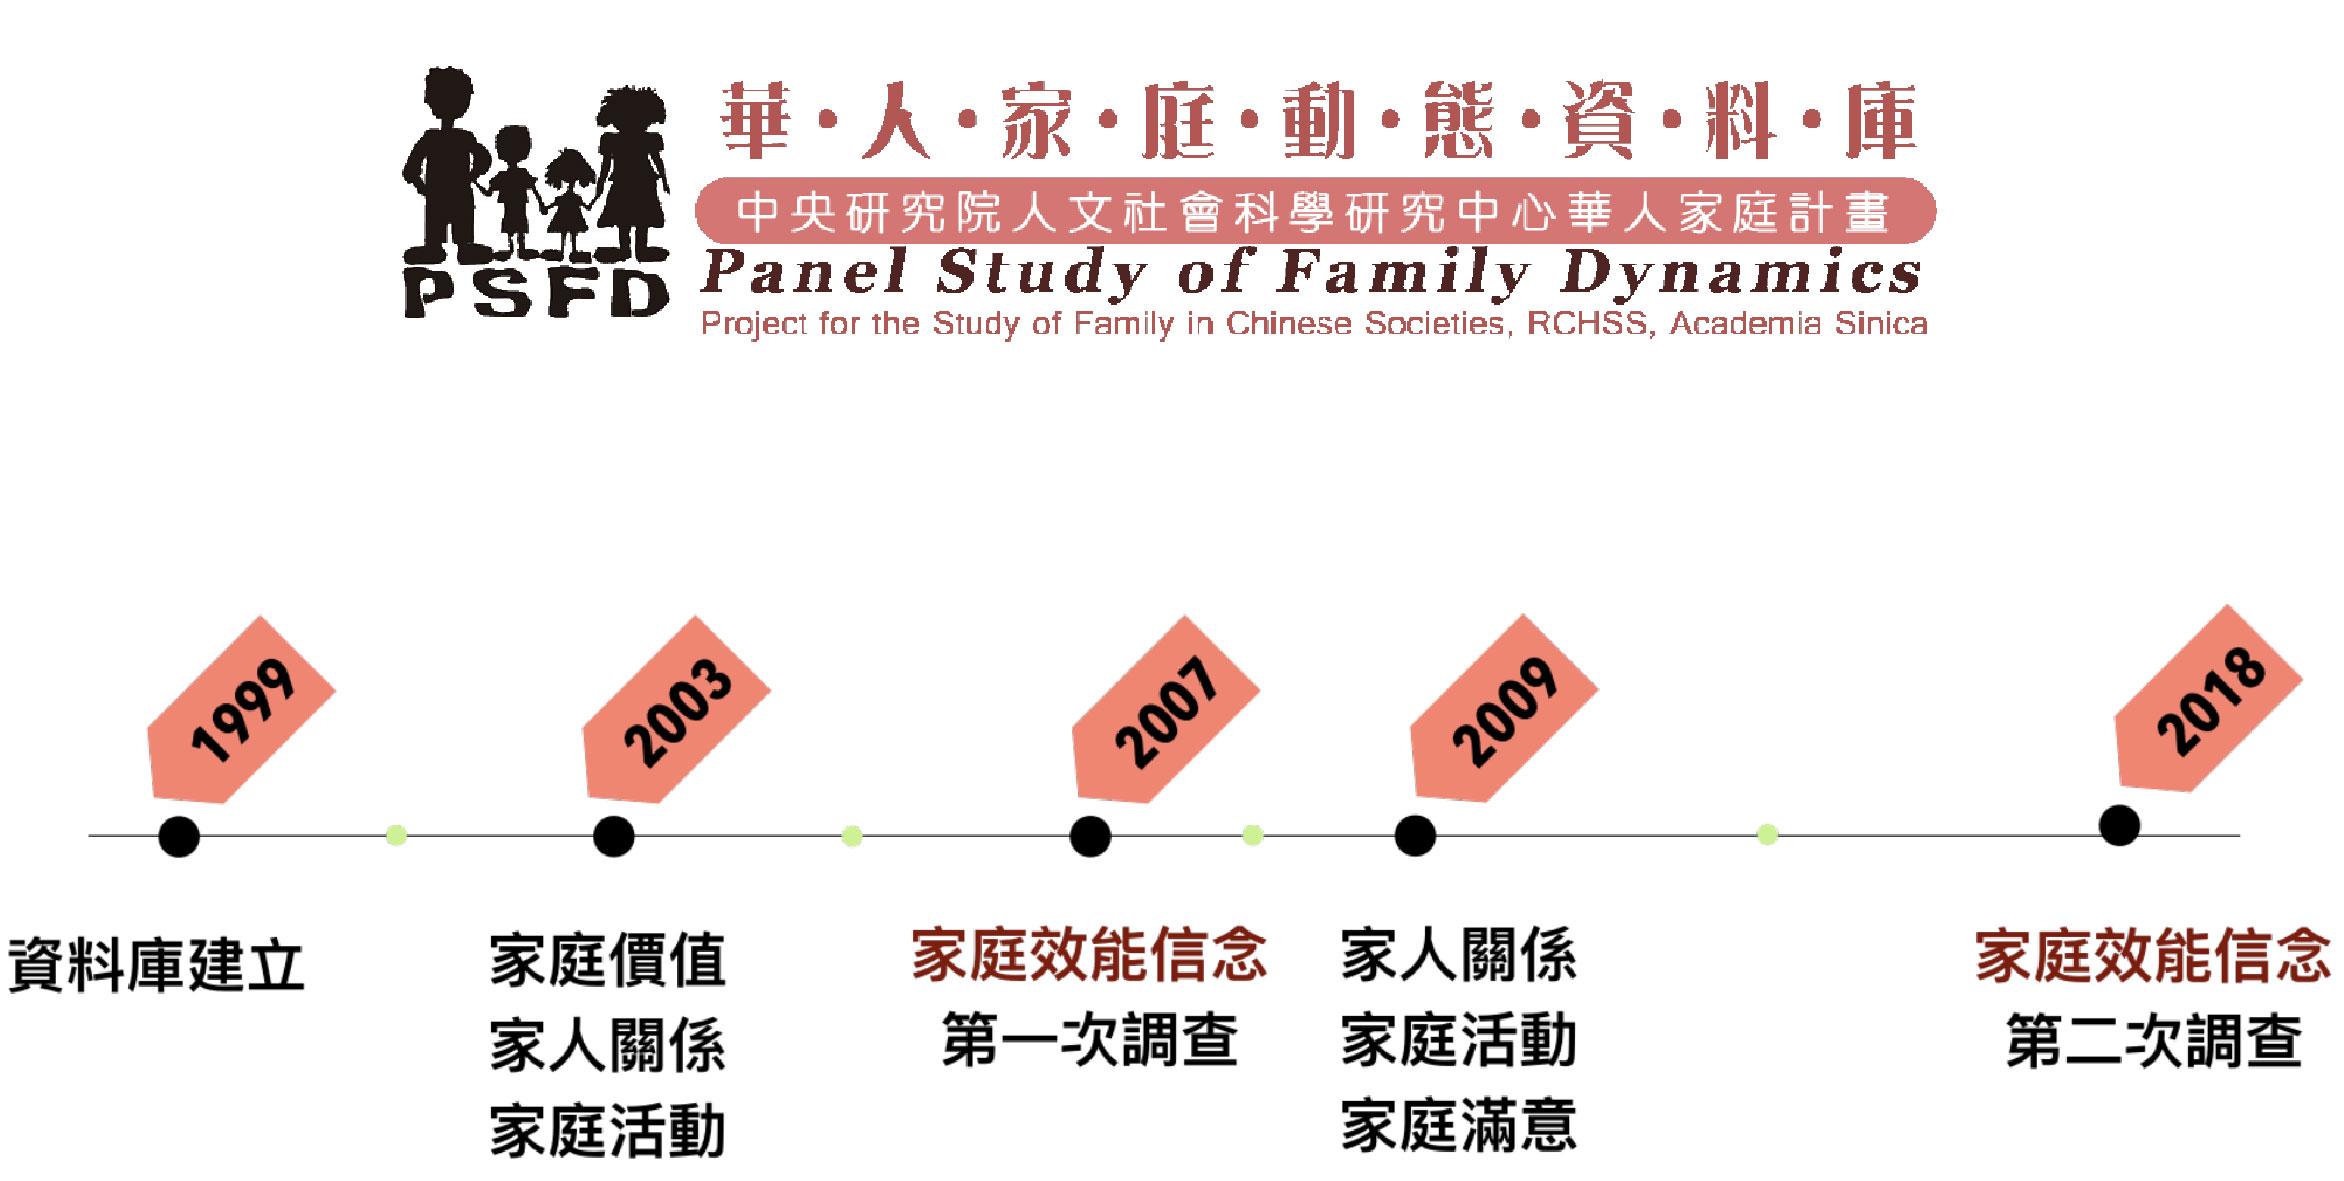 華人家庭動態資料庫(Panel Study of Family Dynamics, PSFD)是臺灣本土最大的家庭追蹤調查數據,以固定的家庭為樣本,長期追蹤訪問。2007、2018 年兩次調查中,加入「家庭效能信念」訪題,作為這項研究的主要數據基礎。資料來源│劉蓉果、朱瑞玲